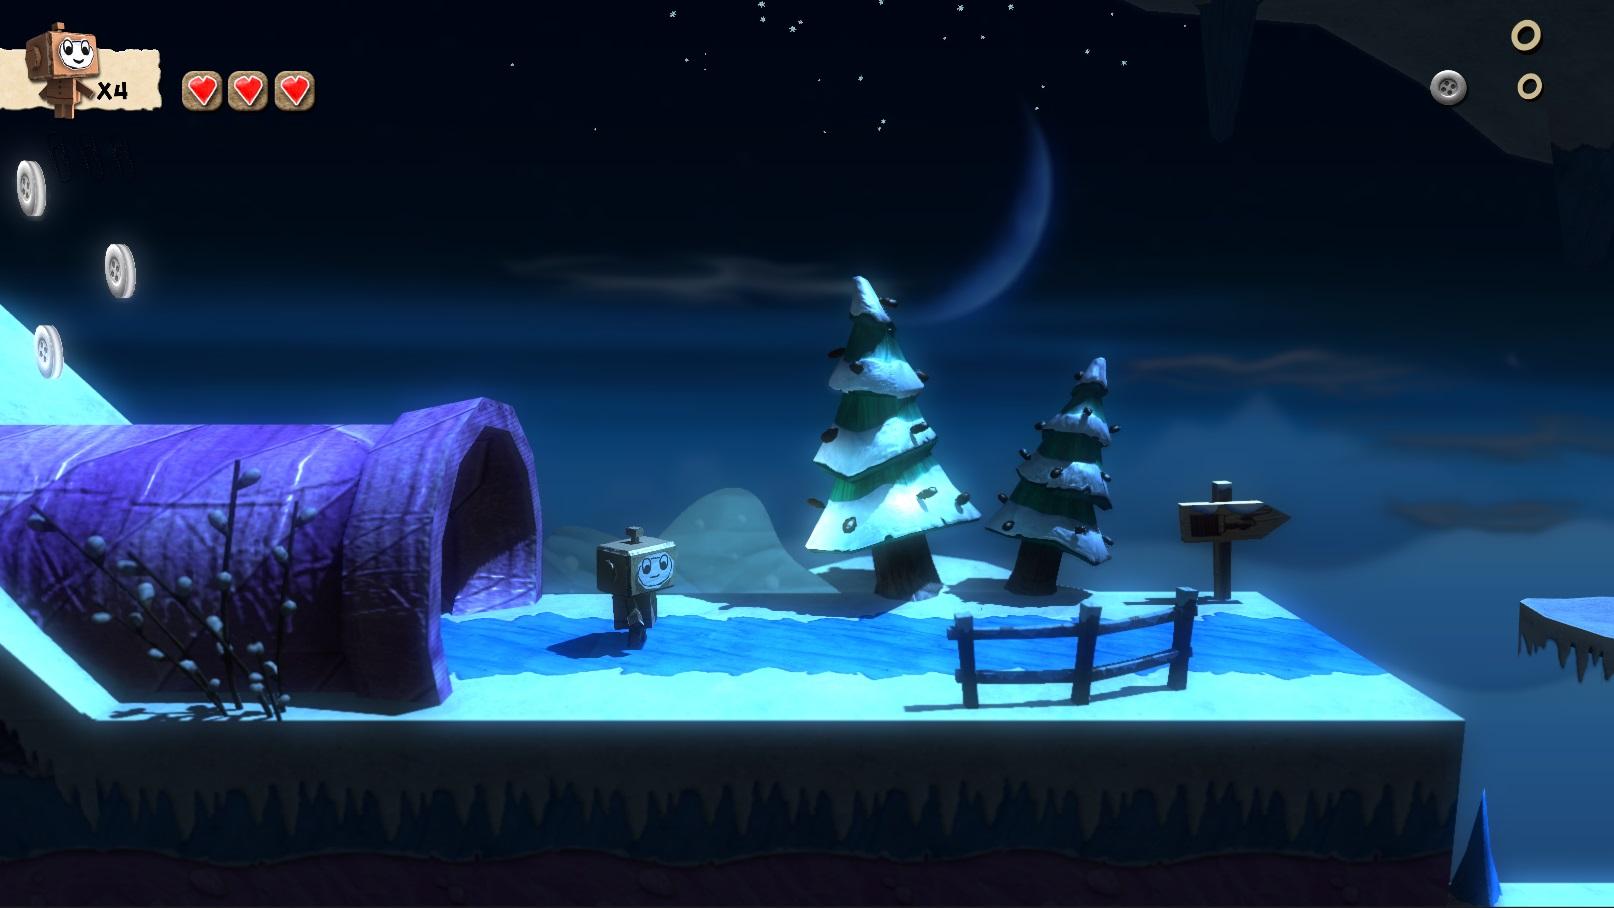 Varios niveles en este juego están ambientados de noche, como por ejemplo en este escenario nevado